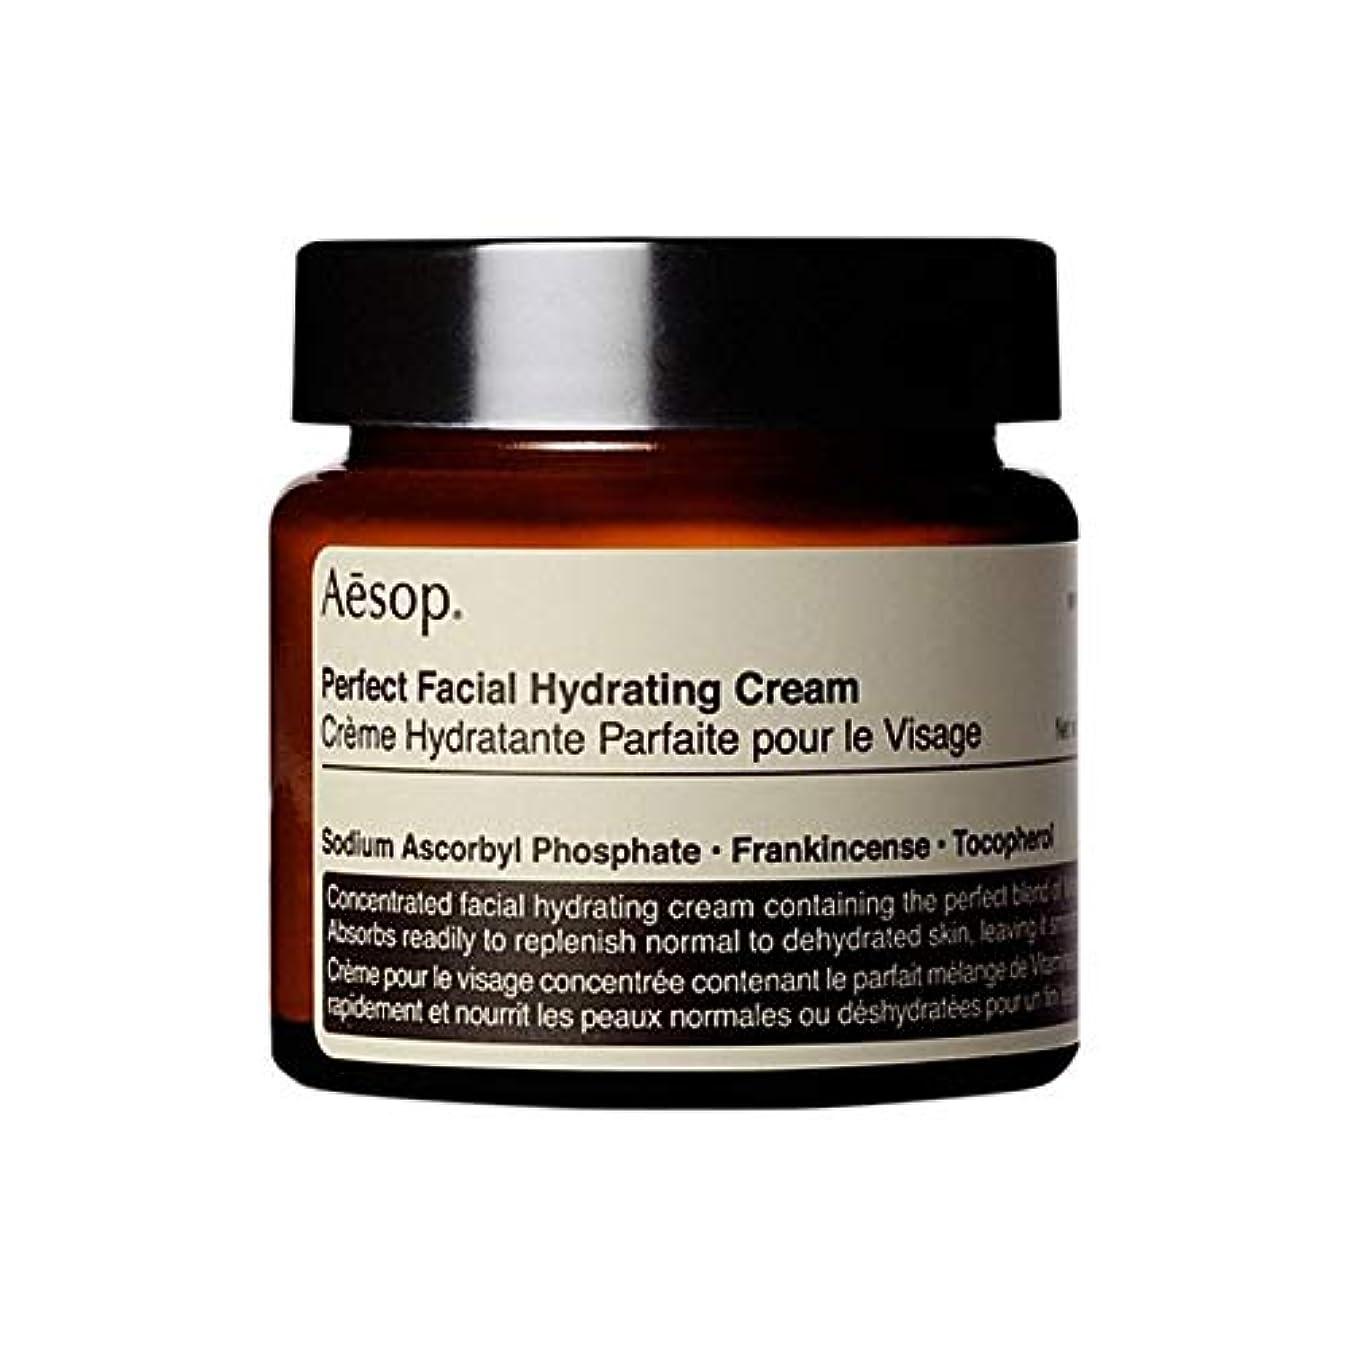 硬化する着実にヒューマニスティック[Aesop] イソップ完璧な顔の水和クリーム60ミリリットル - Aesop Perfect Facial Hydrating Cream 60ml [並行輸入品]